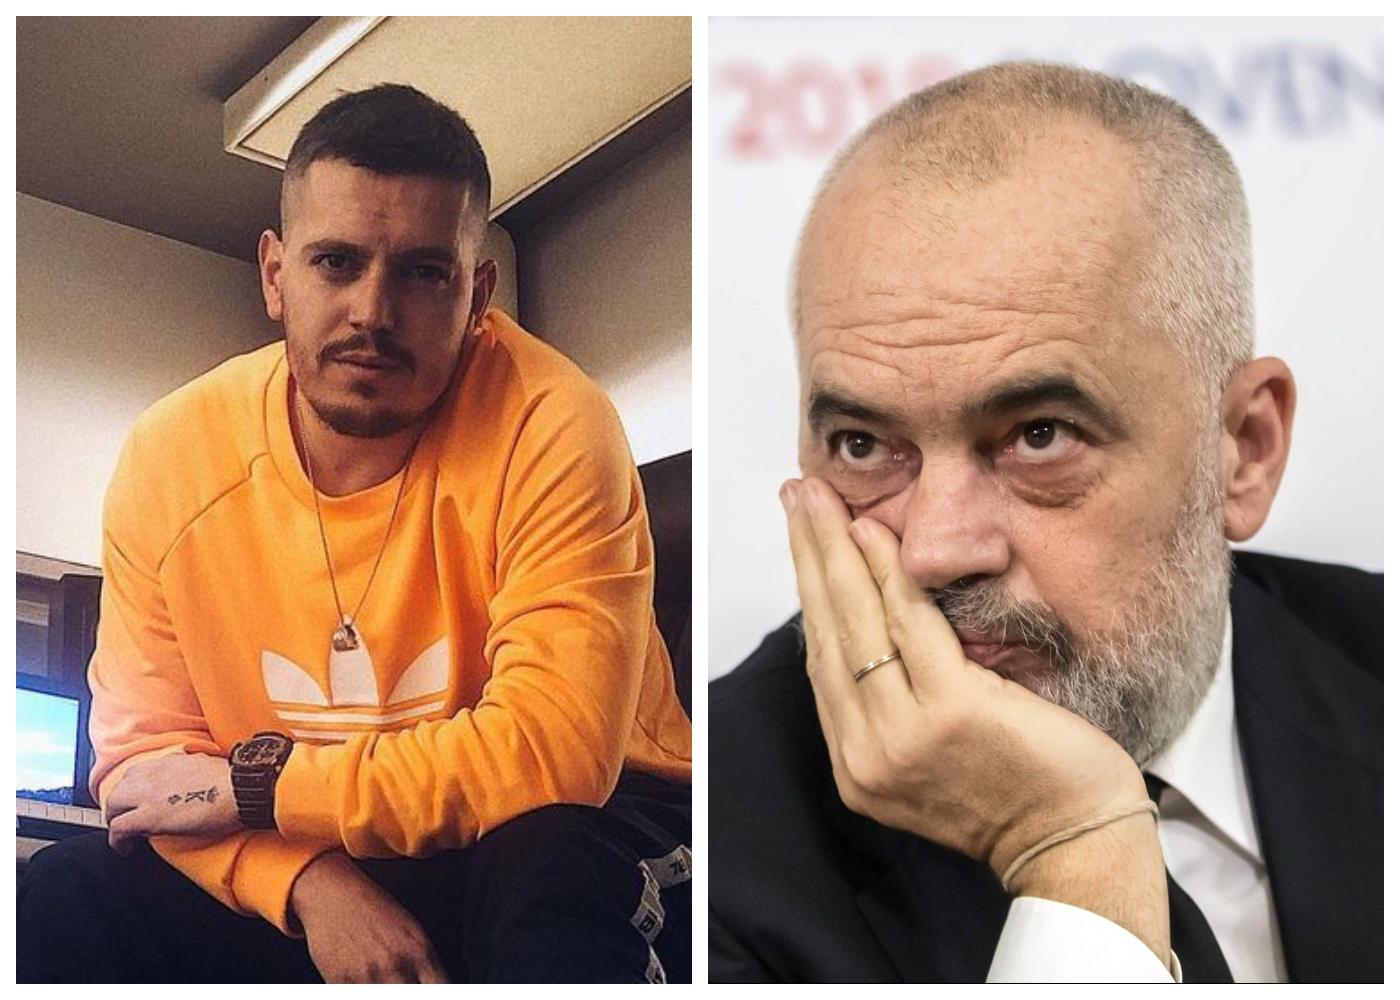 """Degjenerimi ka kaluar kufijtë"""", Elgit Doda i drejtohet Edi Ramës – Albeu.com"""